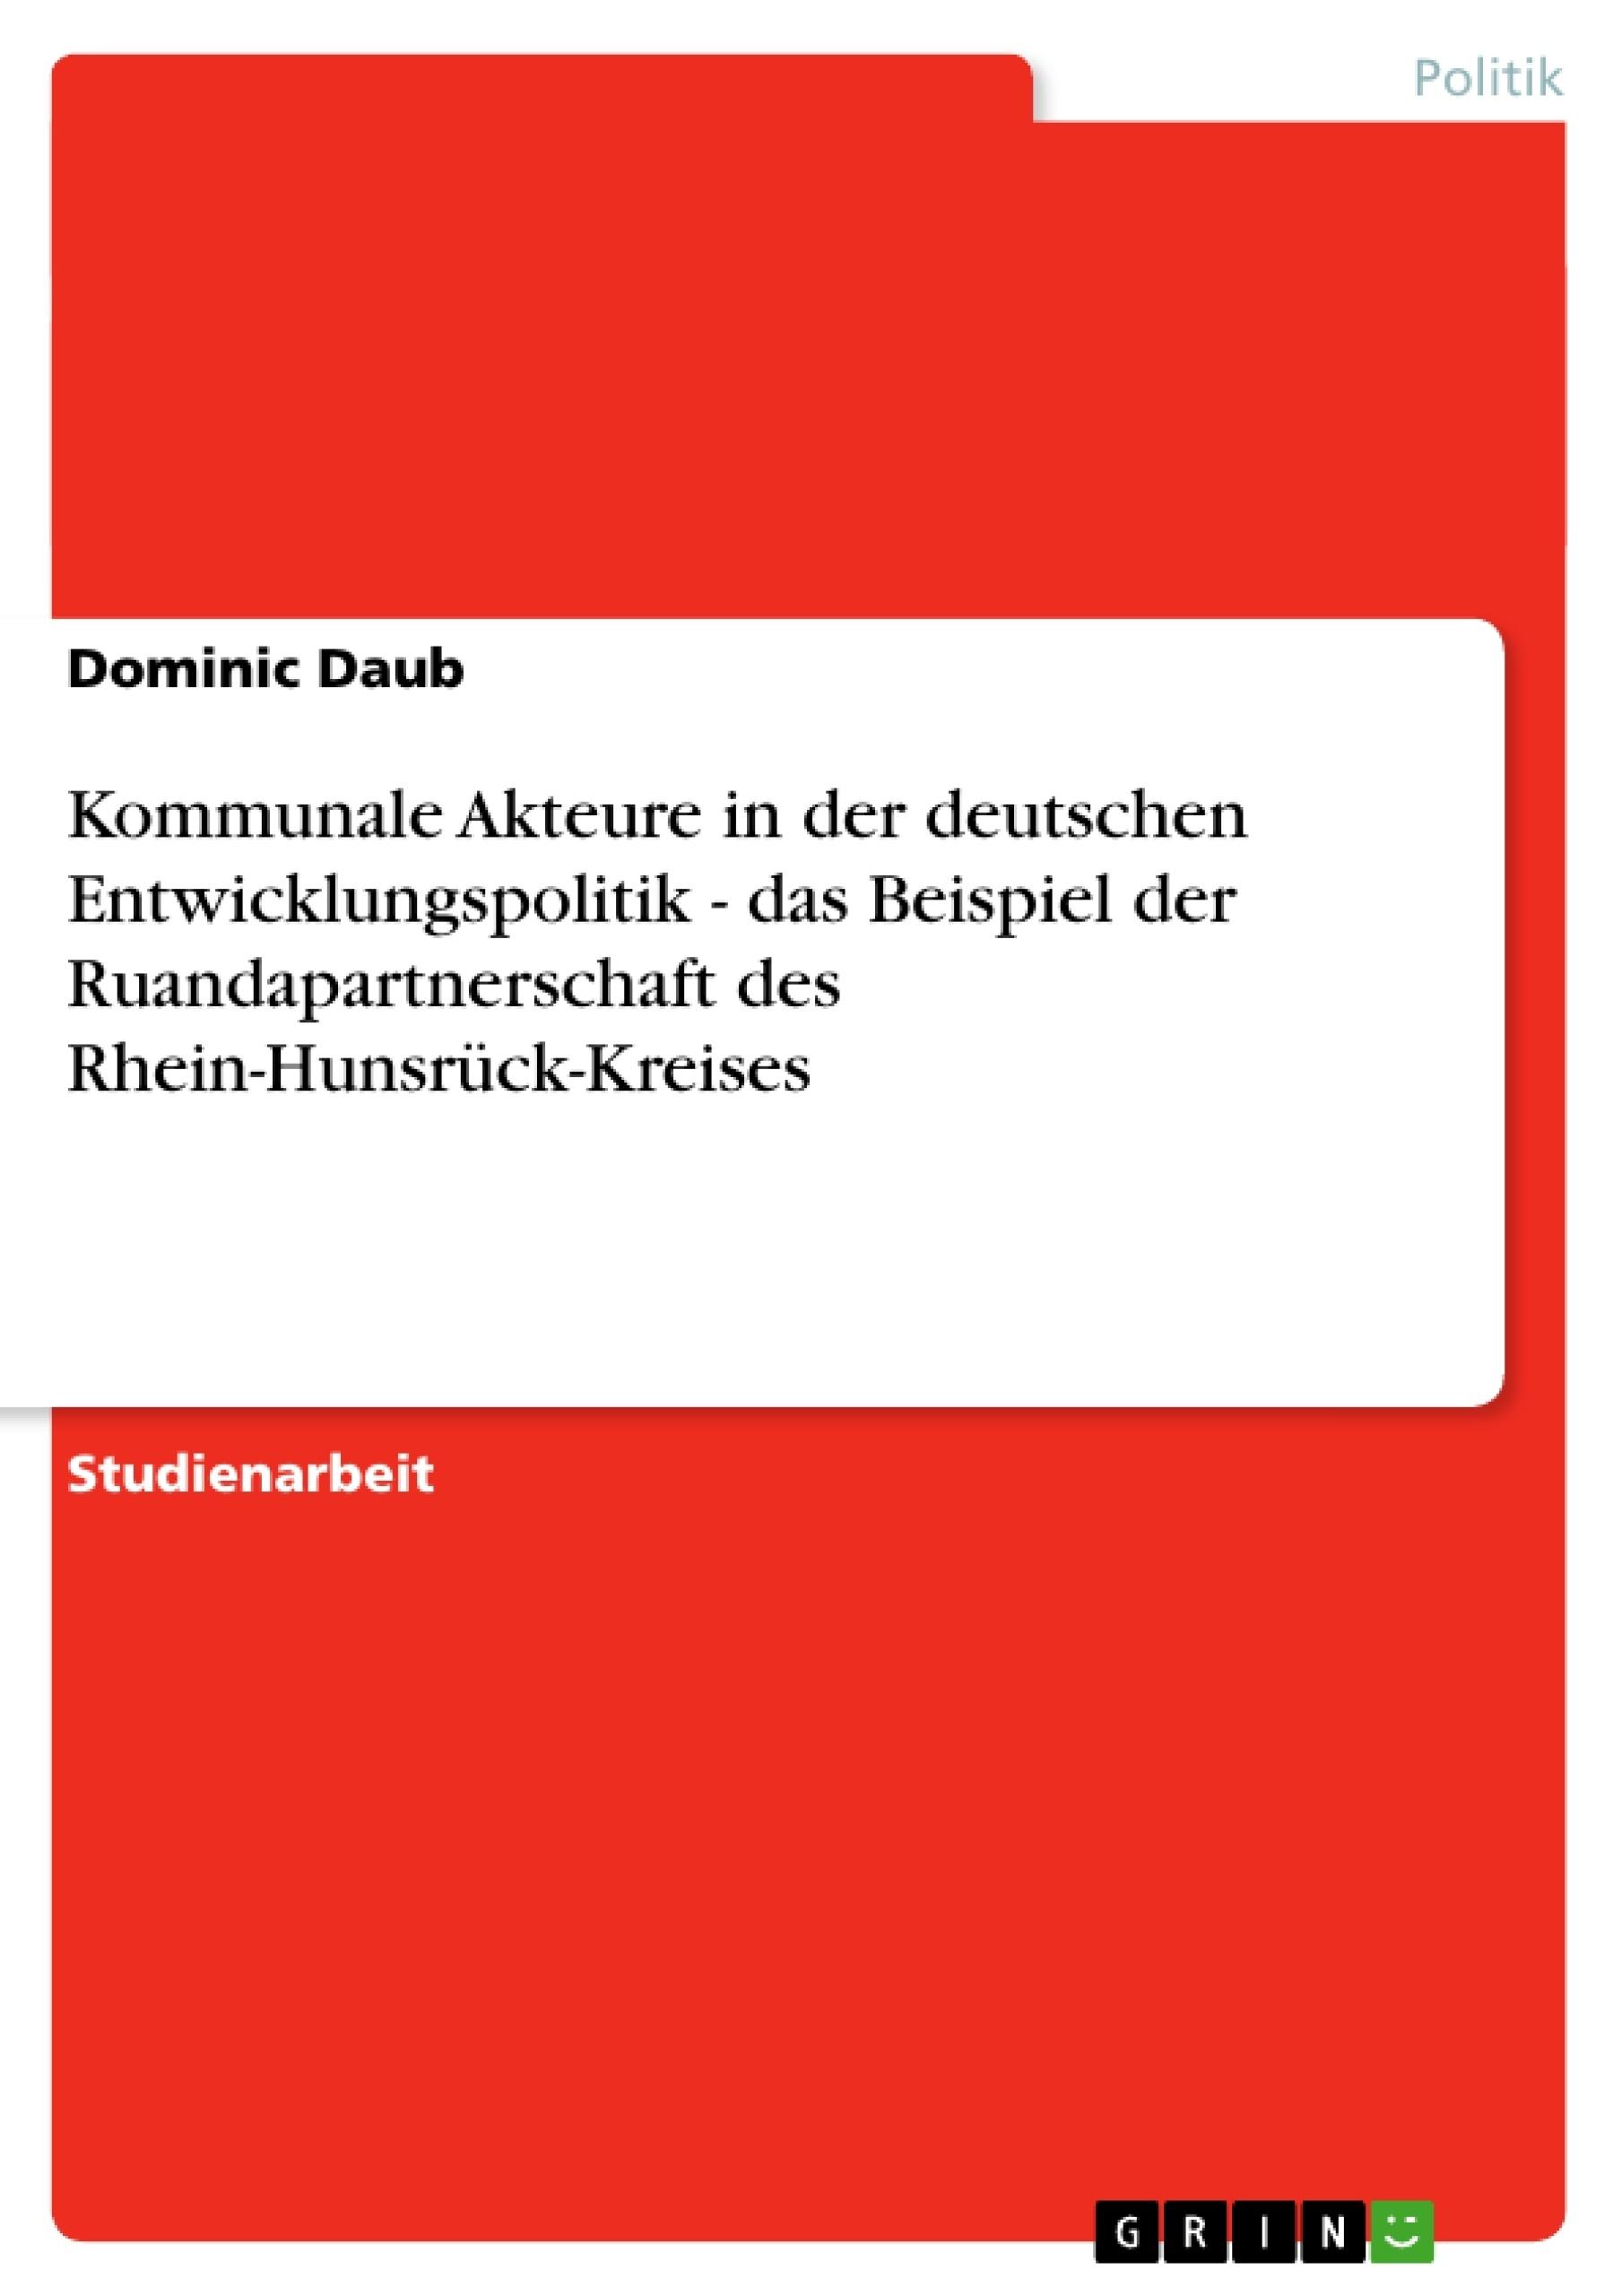 Titel: Kommunale Akteure in der deutschen Entwicklungspolitik - das Beispiel der Ruandapartnerschaft des Rhein-Hunsrück-Kreises